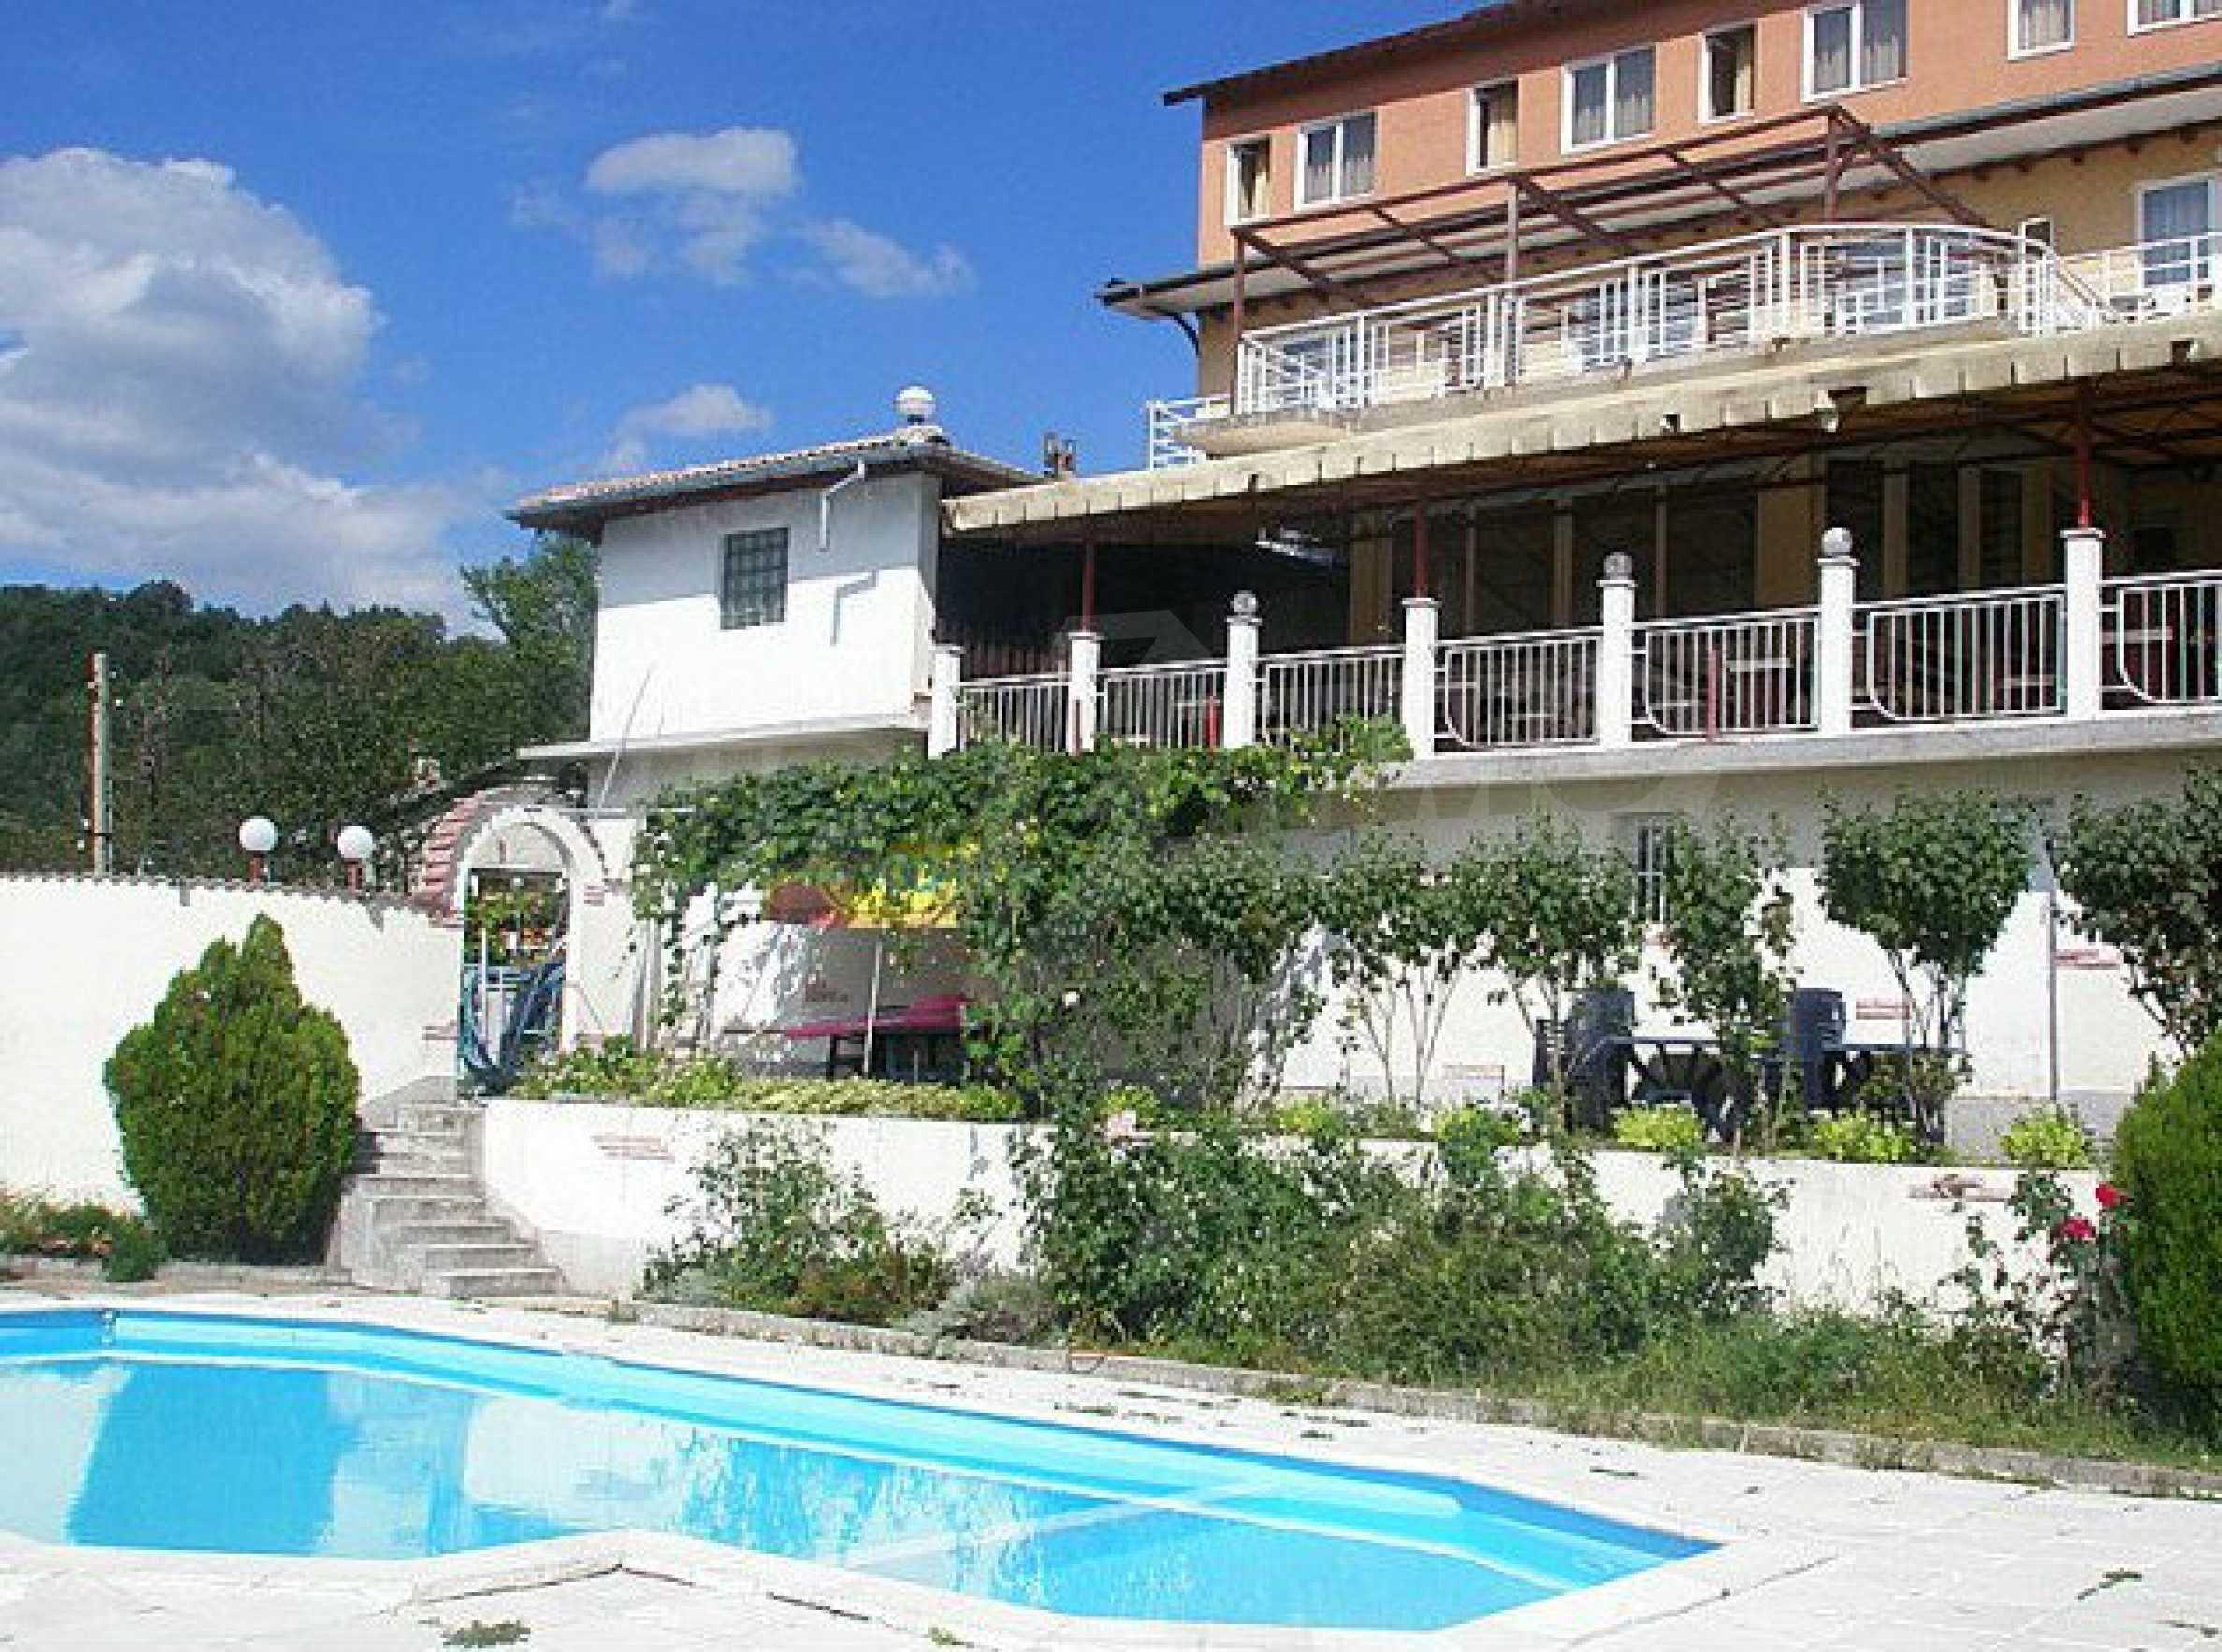 Funktionierendes Hotel mit Pool im Herzen von Stara Planina